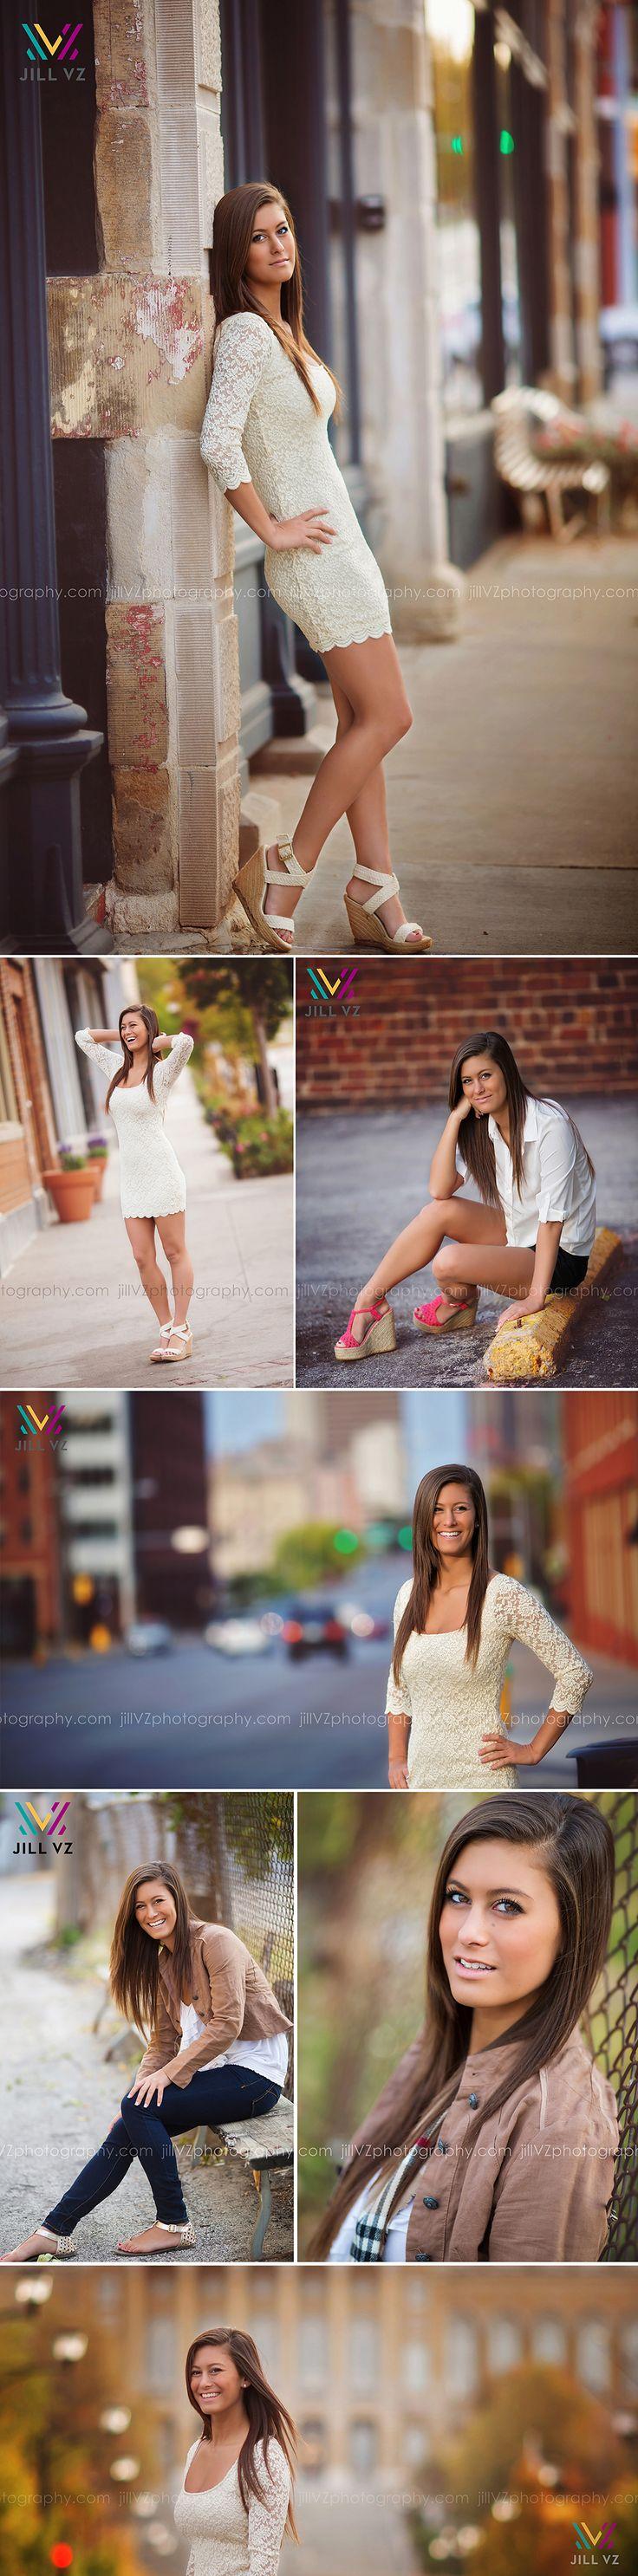 Paige | 2013 Senior | Johnston High School » Des Moines Senior Photography | High School Senior Pictures